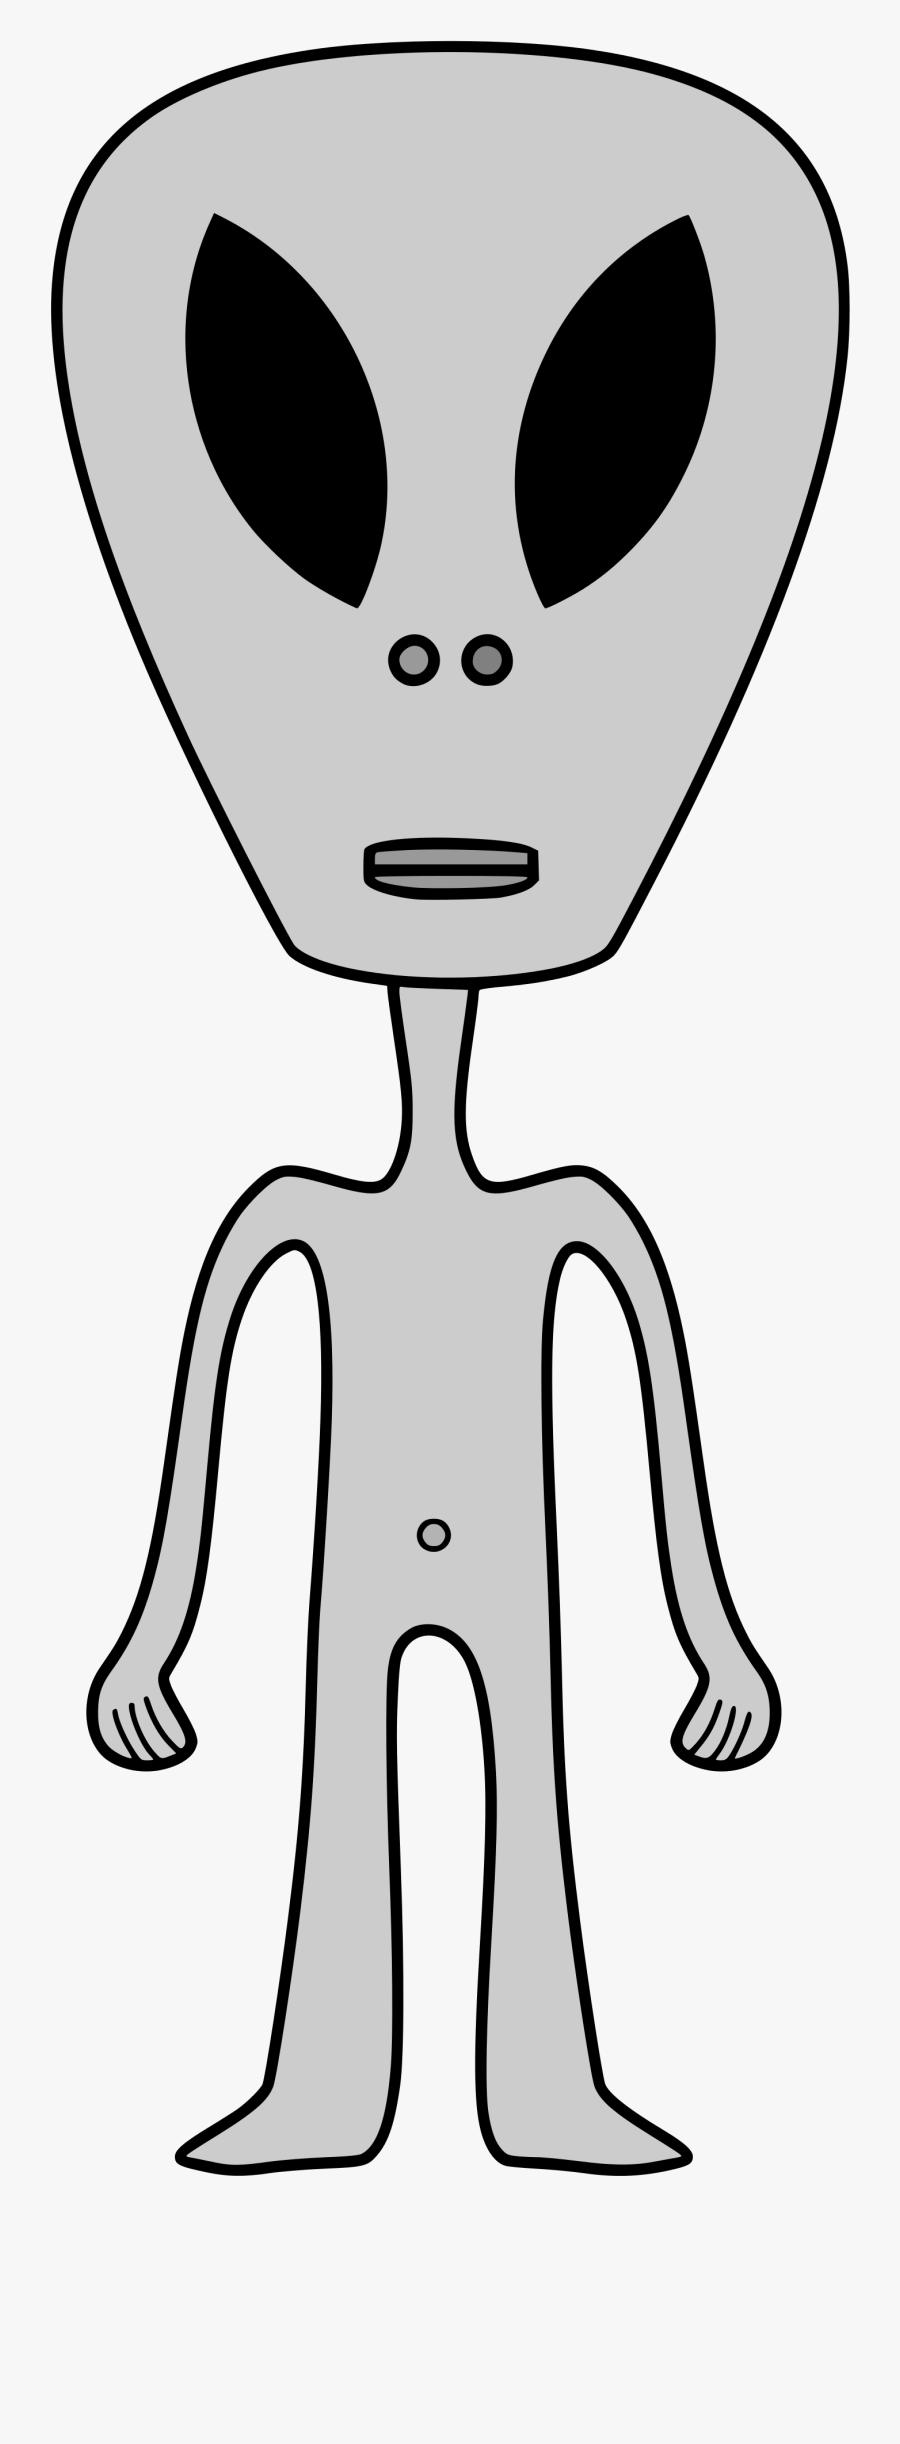 Transparent Alien Head Clipart.